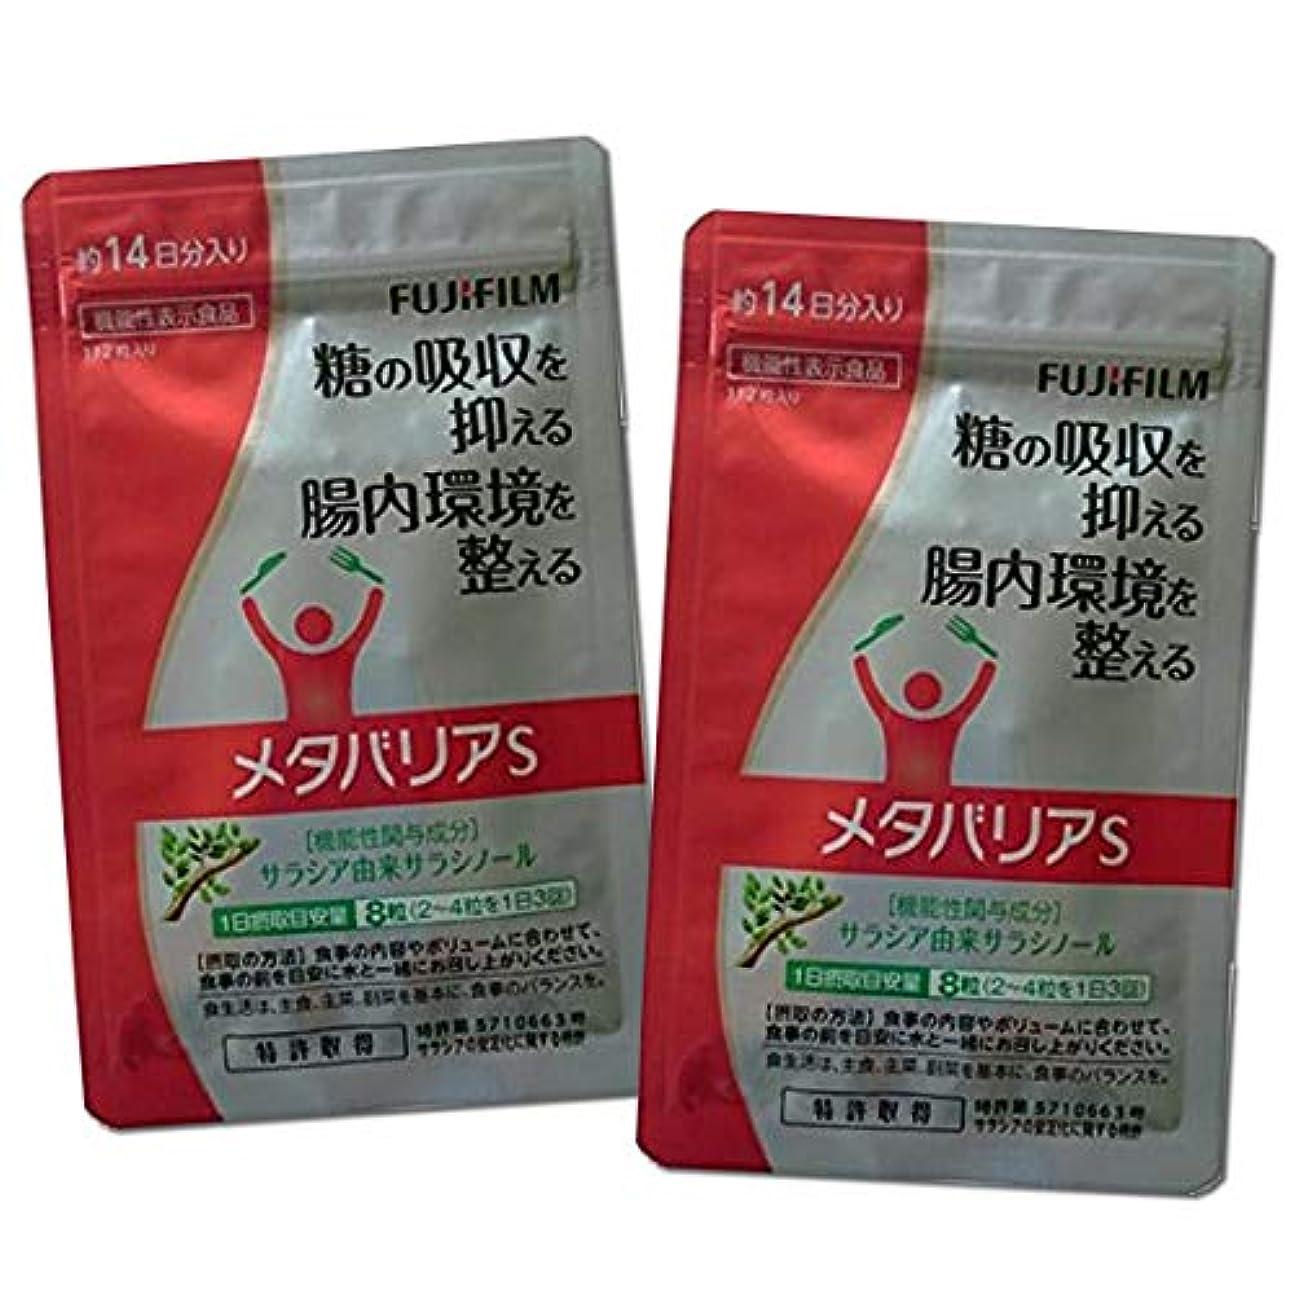 販売計画例外クリップ蝶メタバリアS 112粒 × 2袋